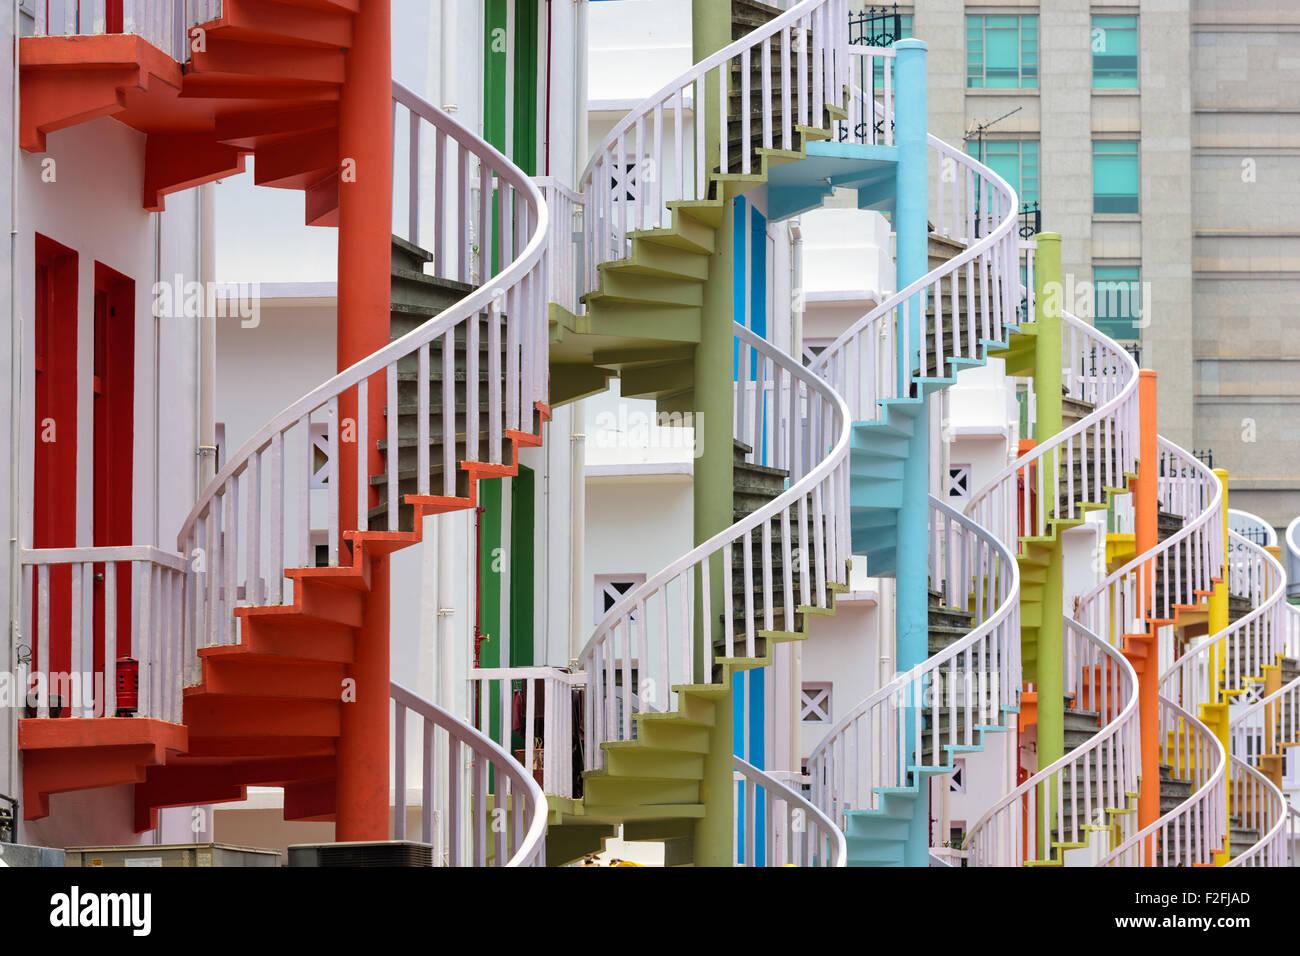 Singapore presso il Villaggio di Bugis scale a chiocciola. Immagini Stock